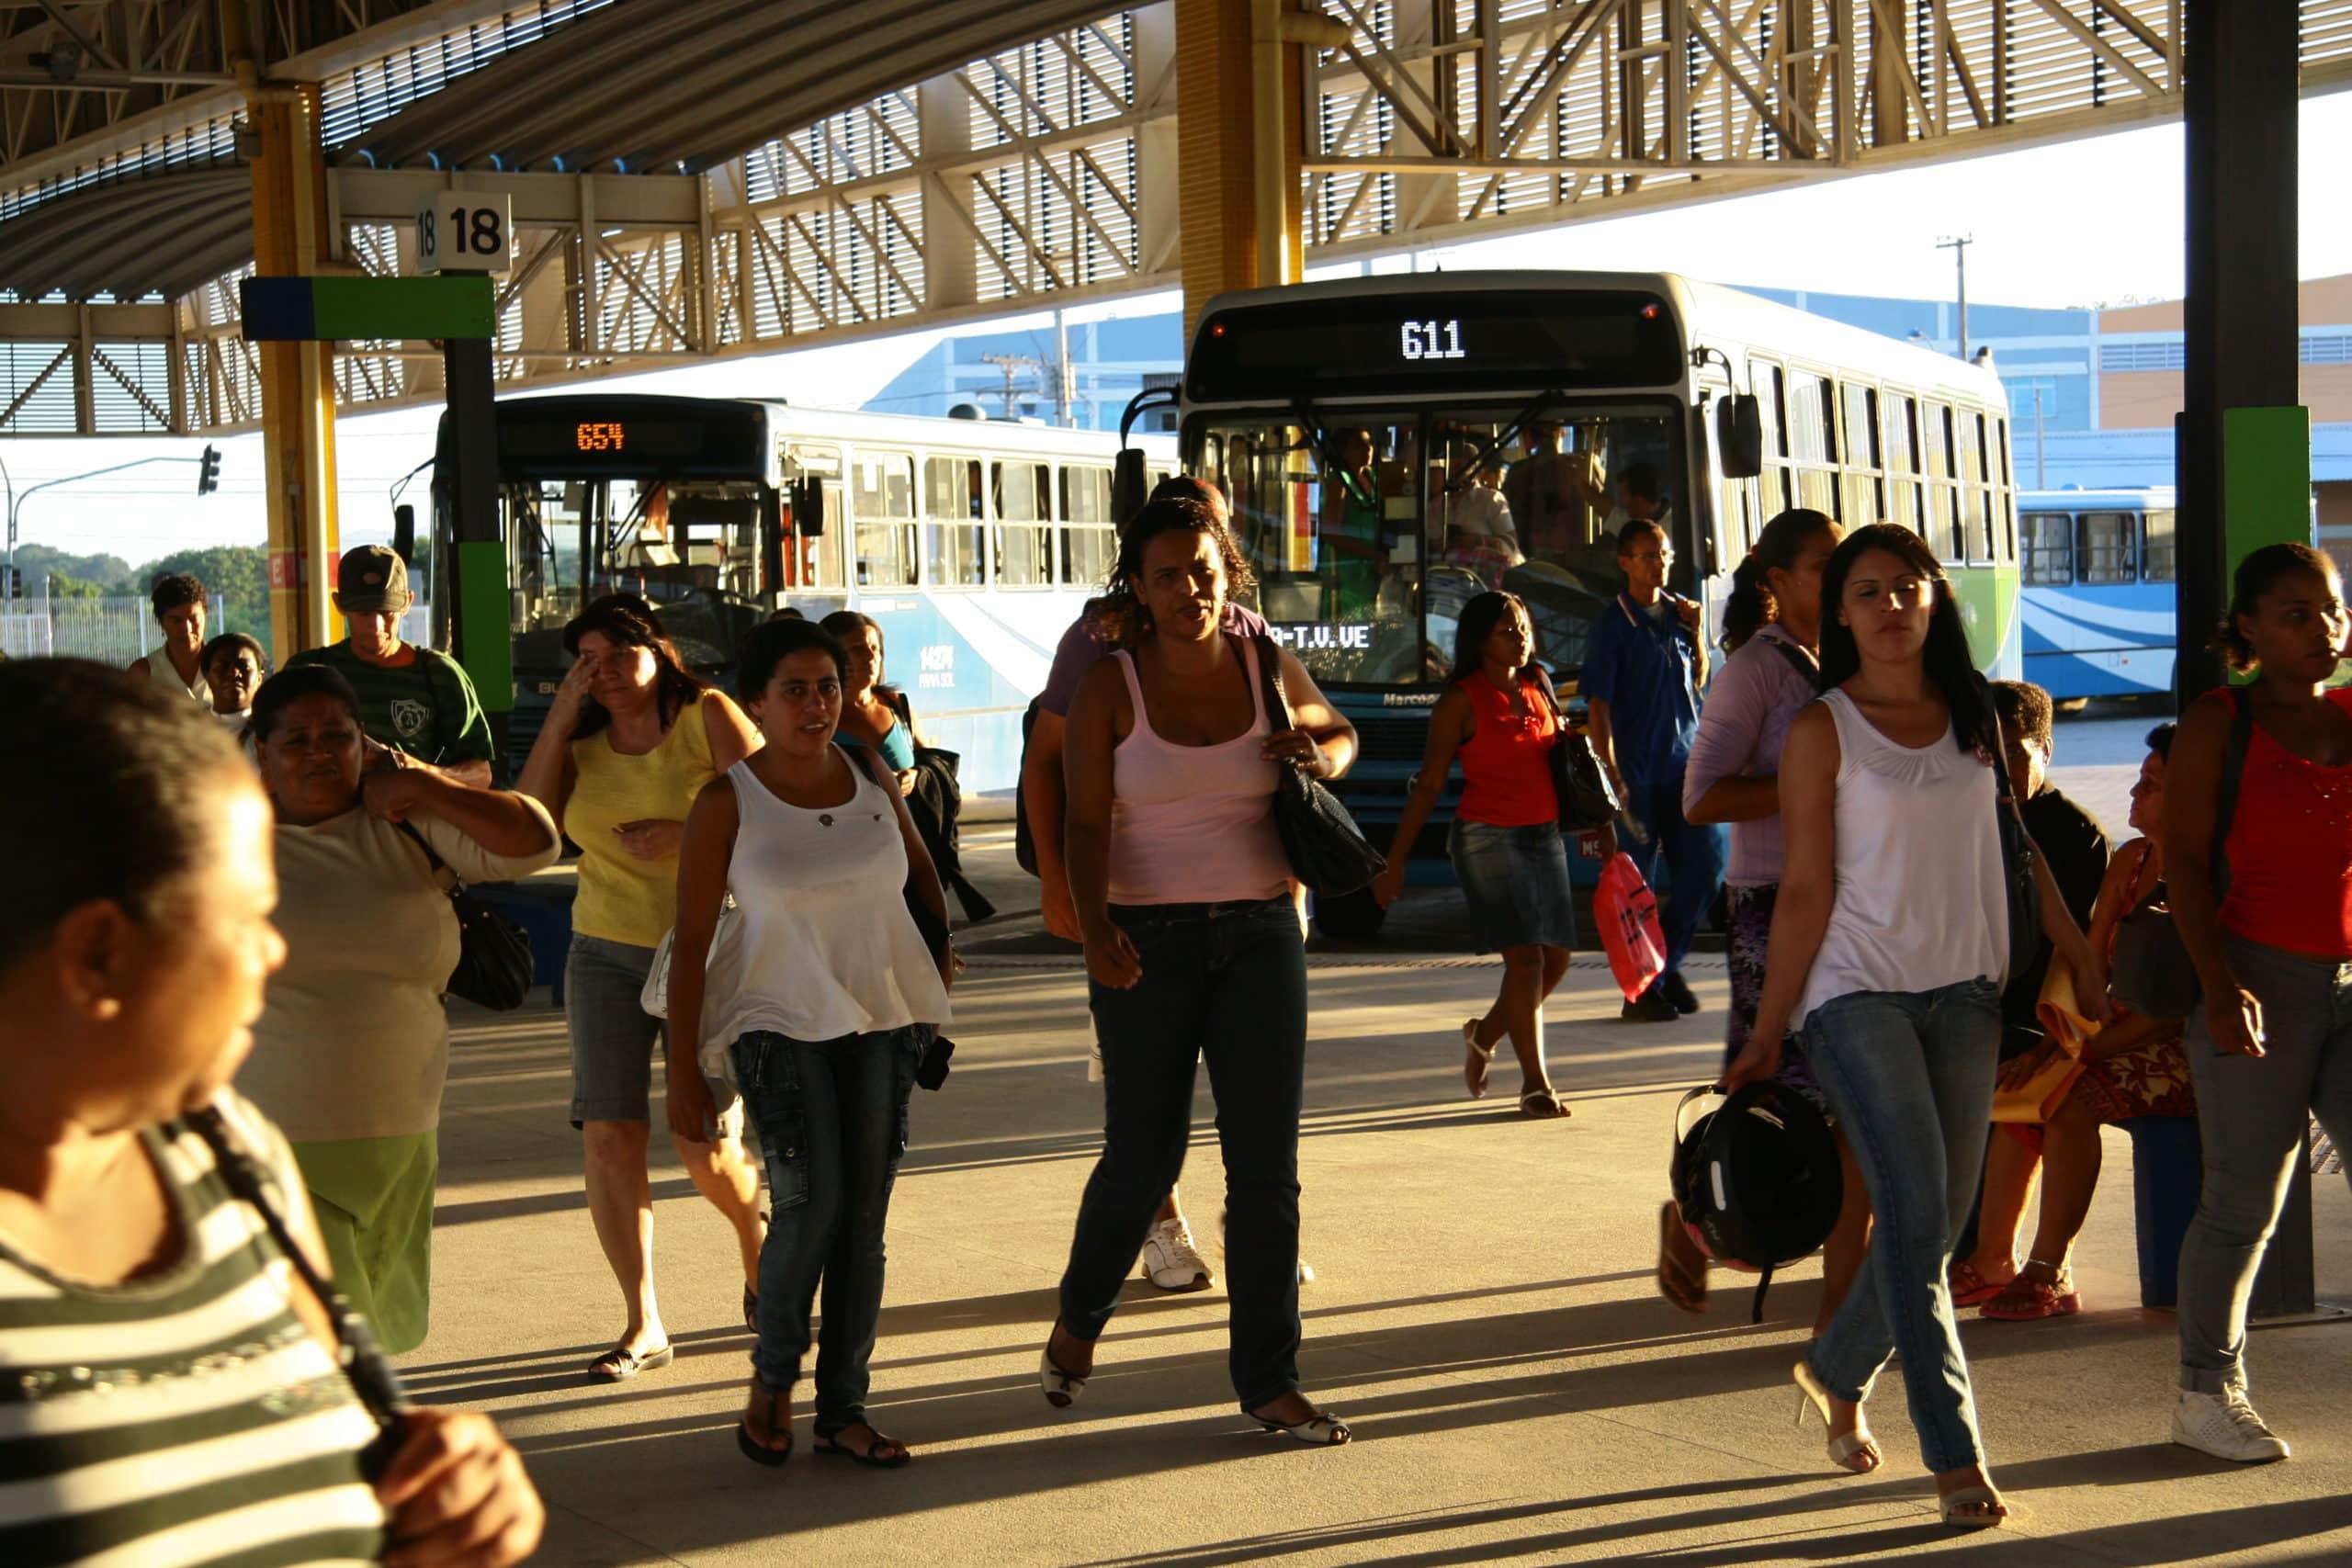 terminal de itaparica linha 611